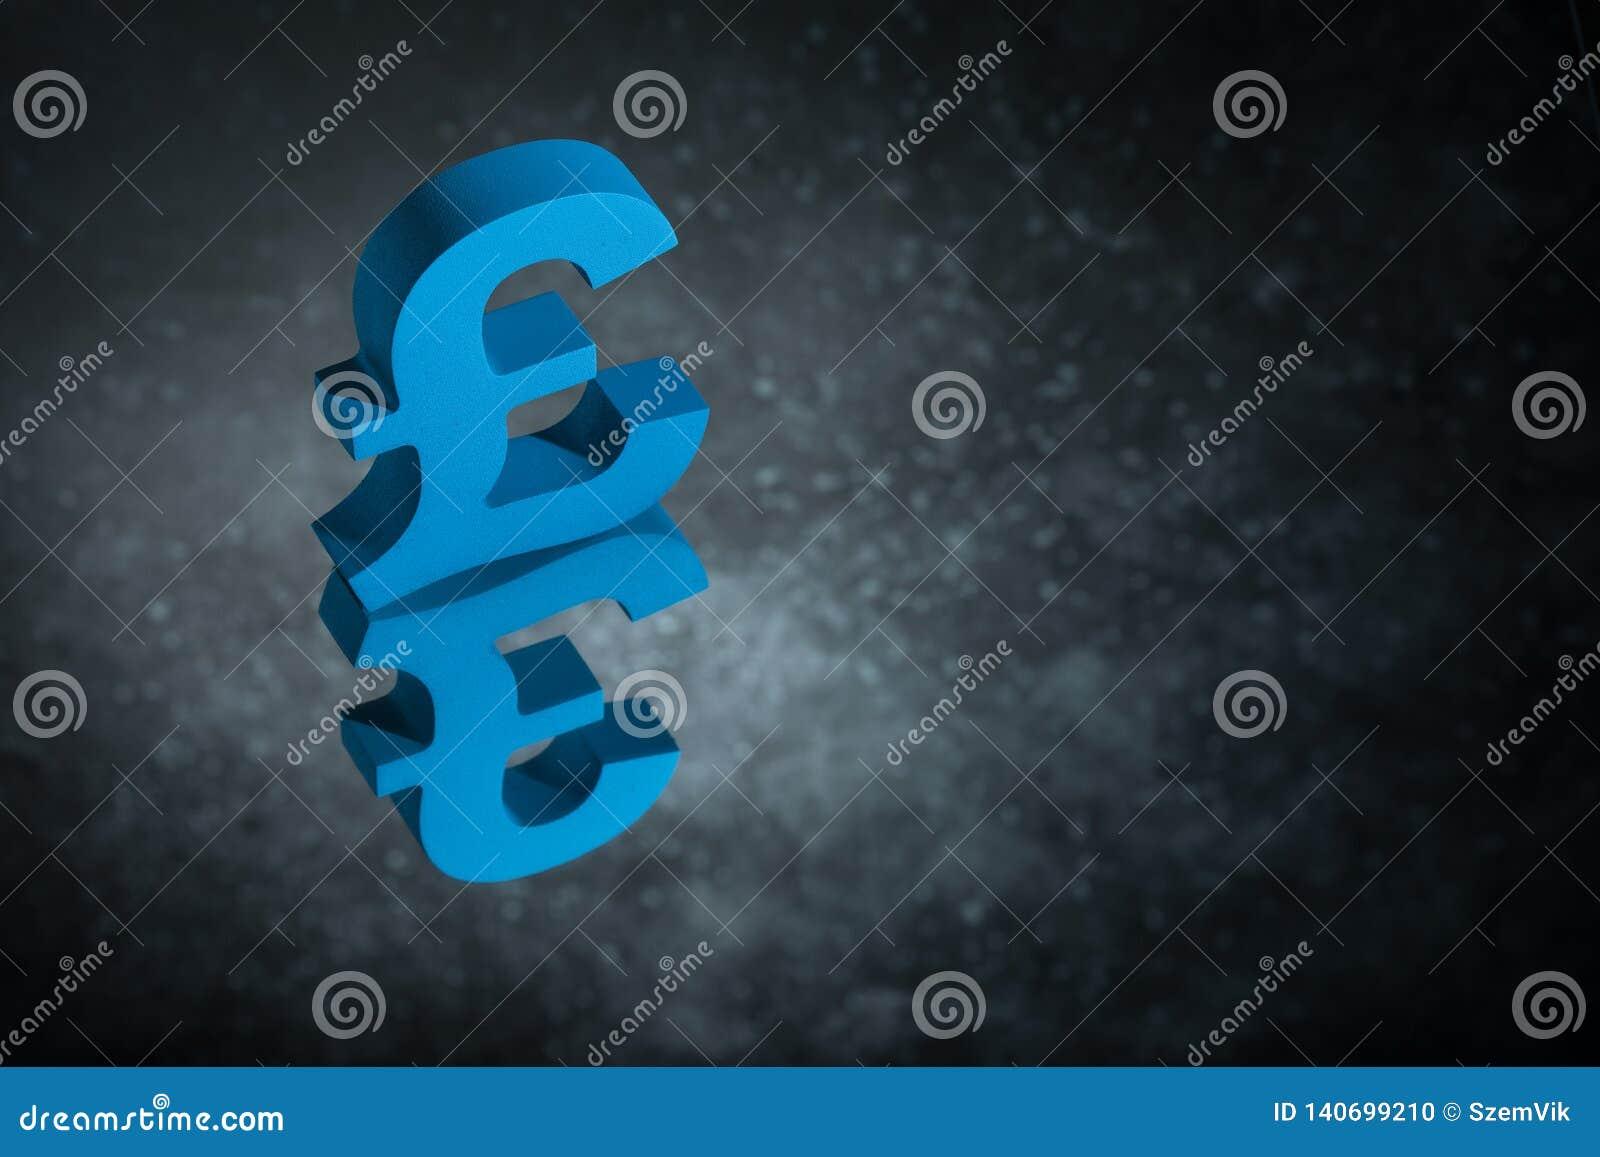 Símbolo o muestra británico azul de moneda con la reflexión de espejo en Dusty Background oscuro